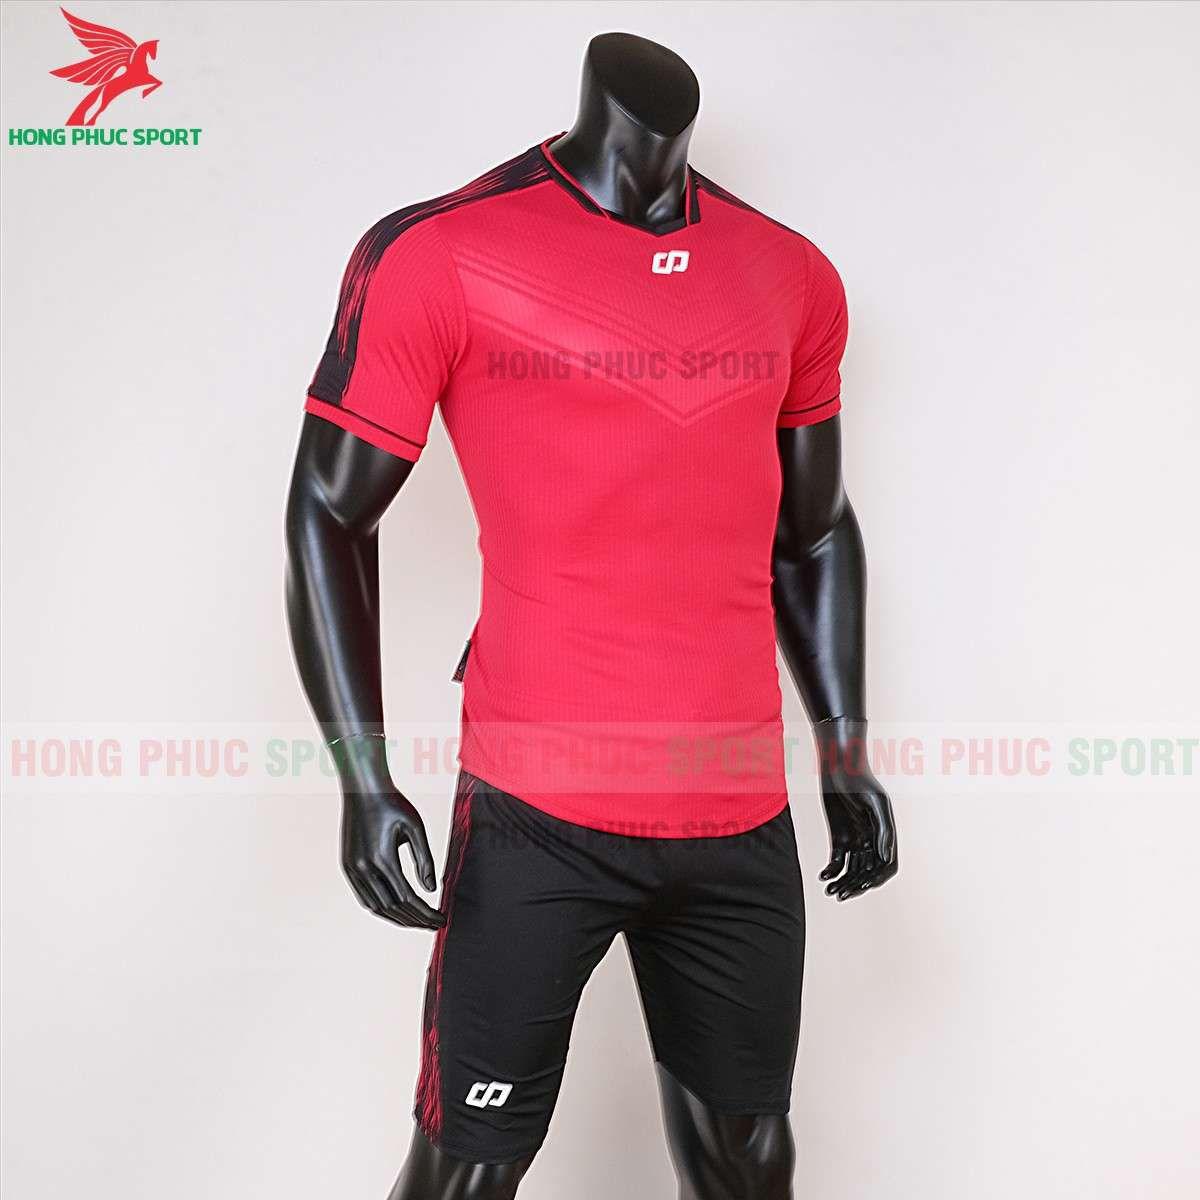 https://cdn.hongphucsport.com/unsafe/cdn.hongphucsport.com/dothethao.net.vn/wp-content/uploads/2020/02/ao-bong-da-khong-logo-cp-otis-do-2.jpg